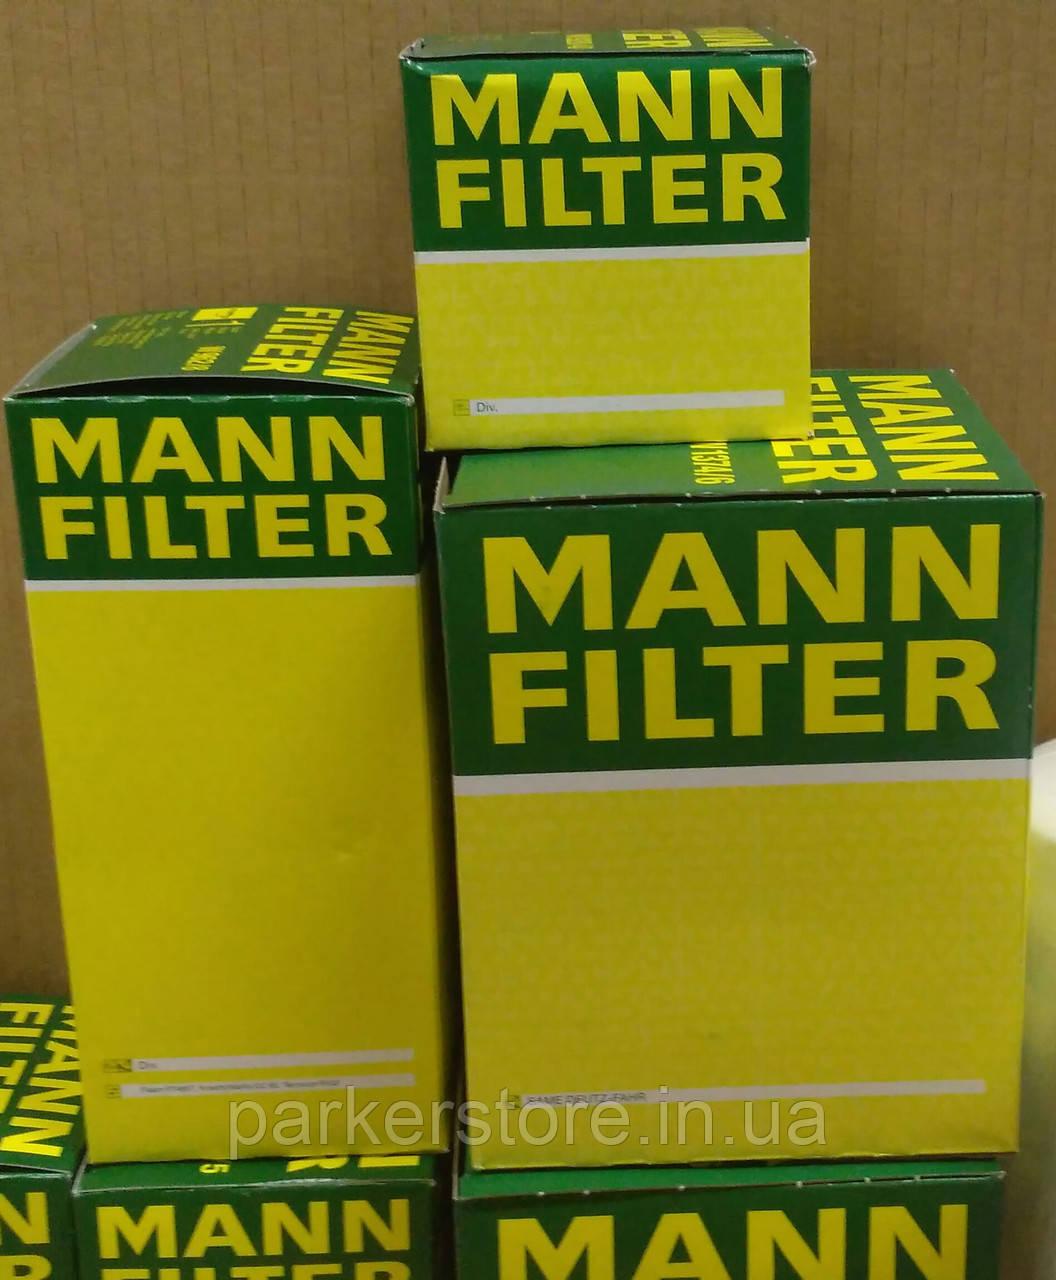 MANN FILTER / Воздушный фильтр / C 33 1015 / C331015